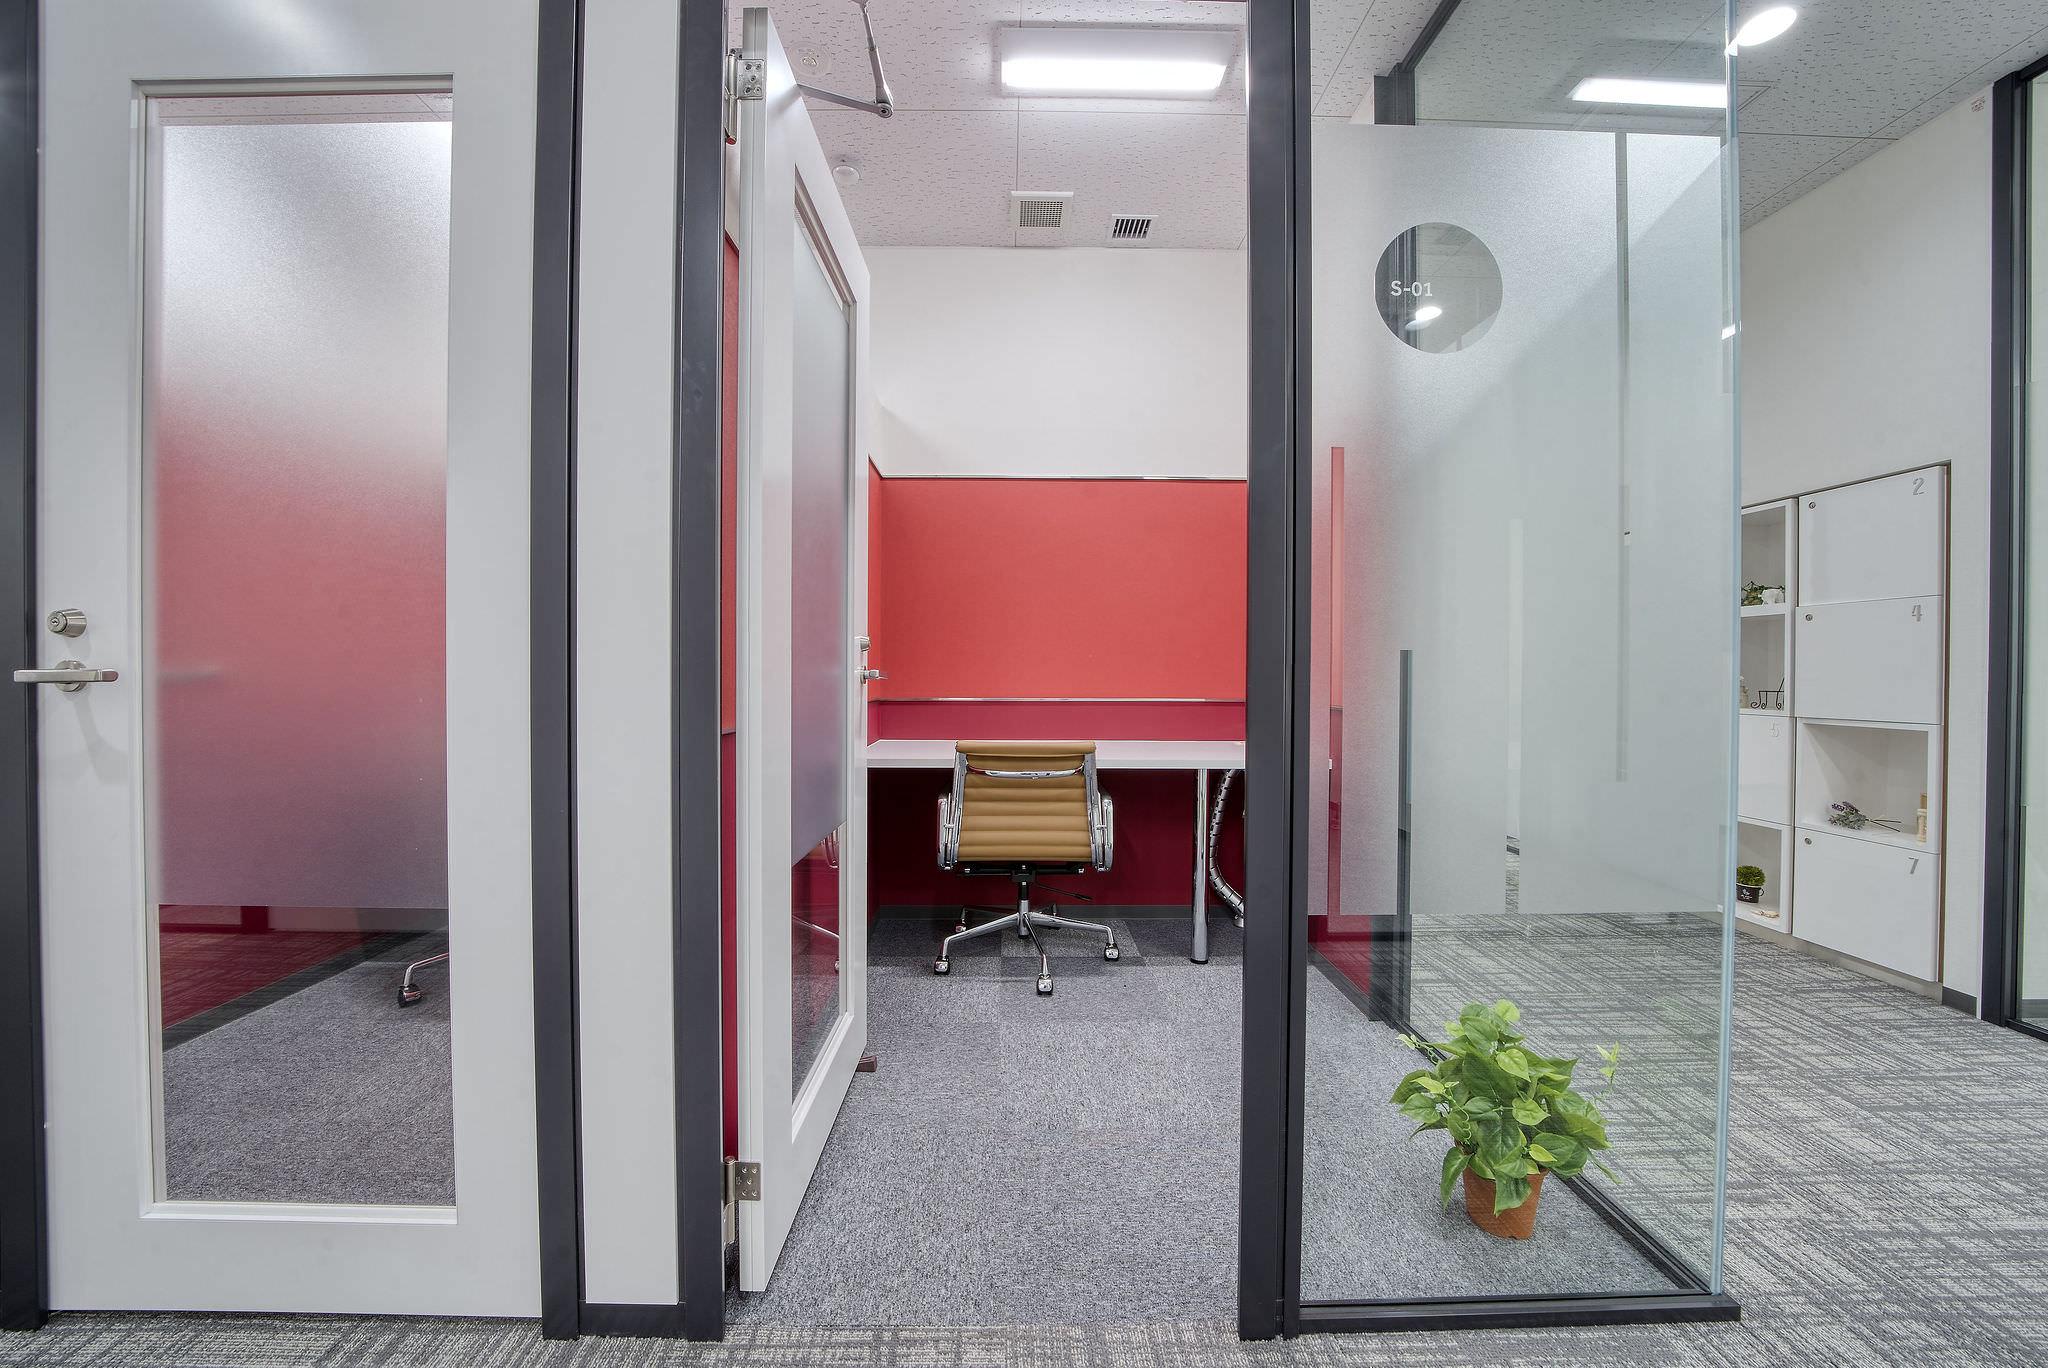 レンタルオフィス「リージャス松山市駅前ビジネスセンター」の個室①